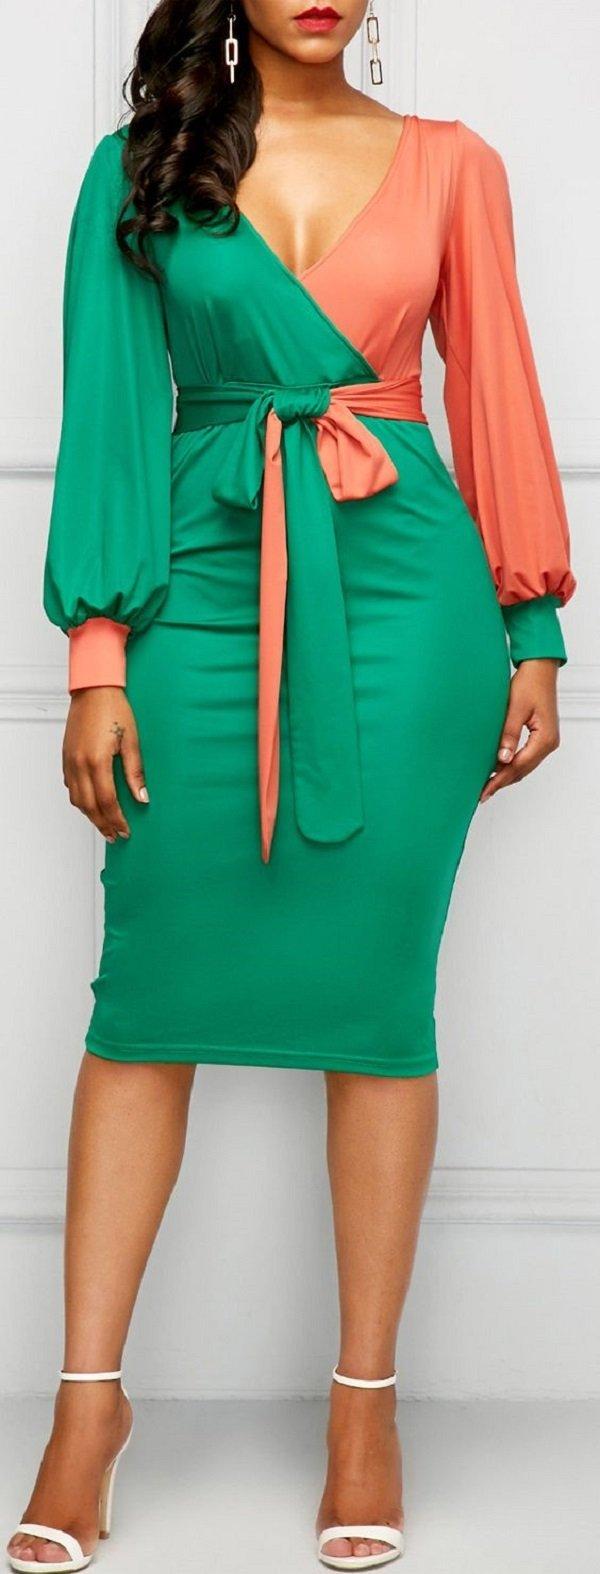 модные модели платьев для полных женщин